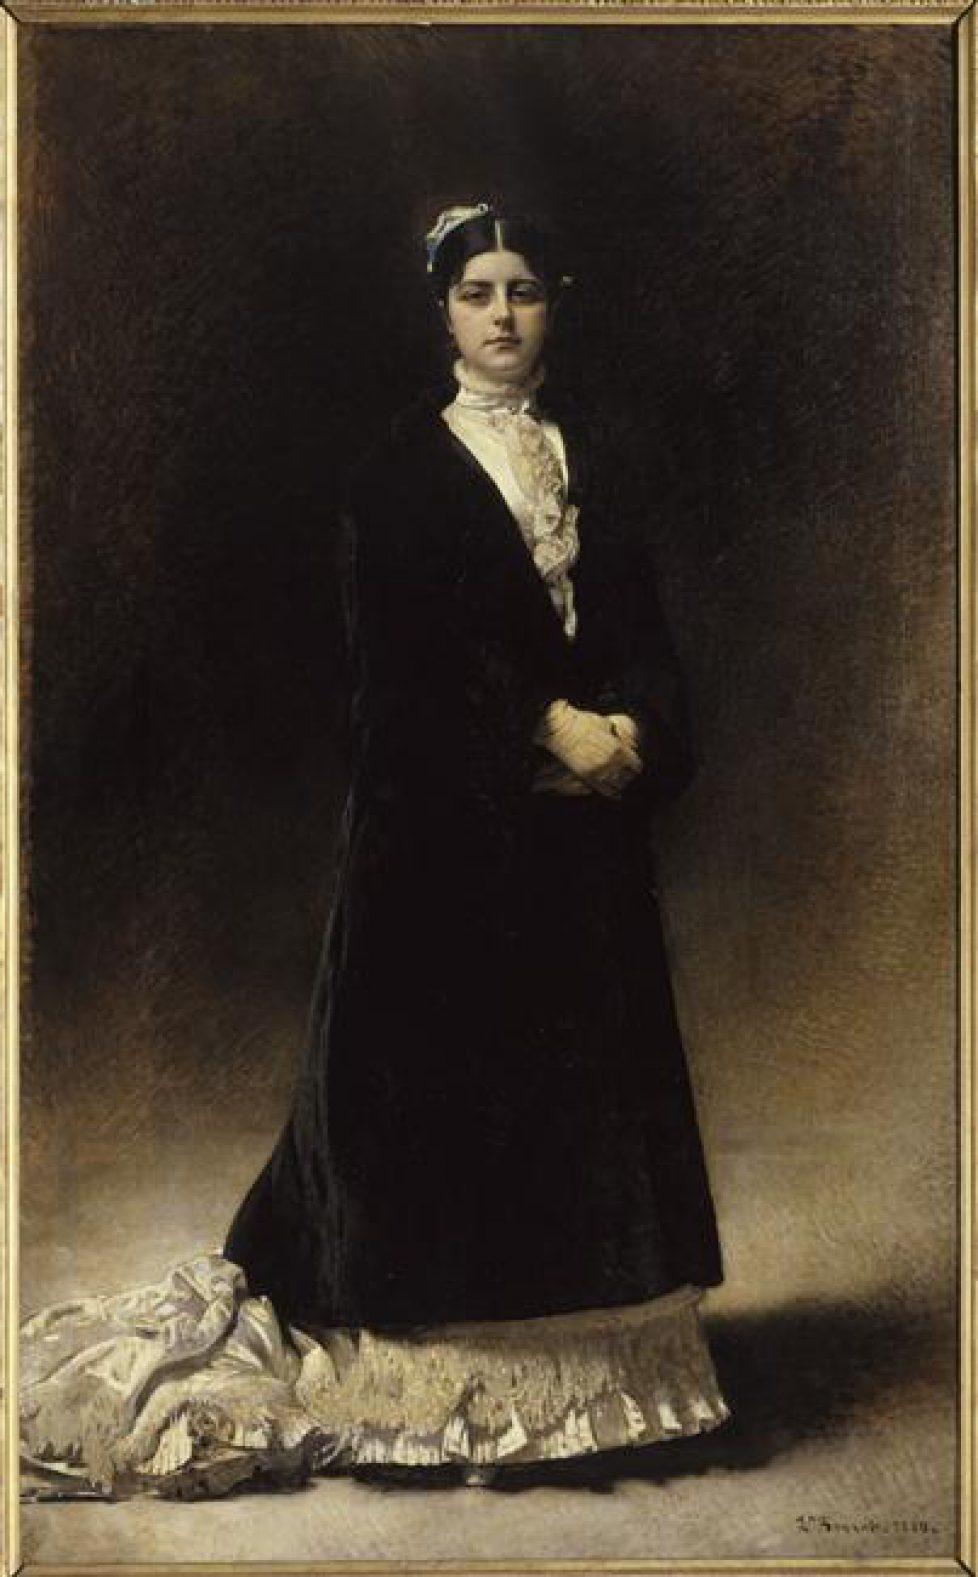 Le portrait de la comtesse Potocka